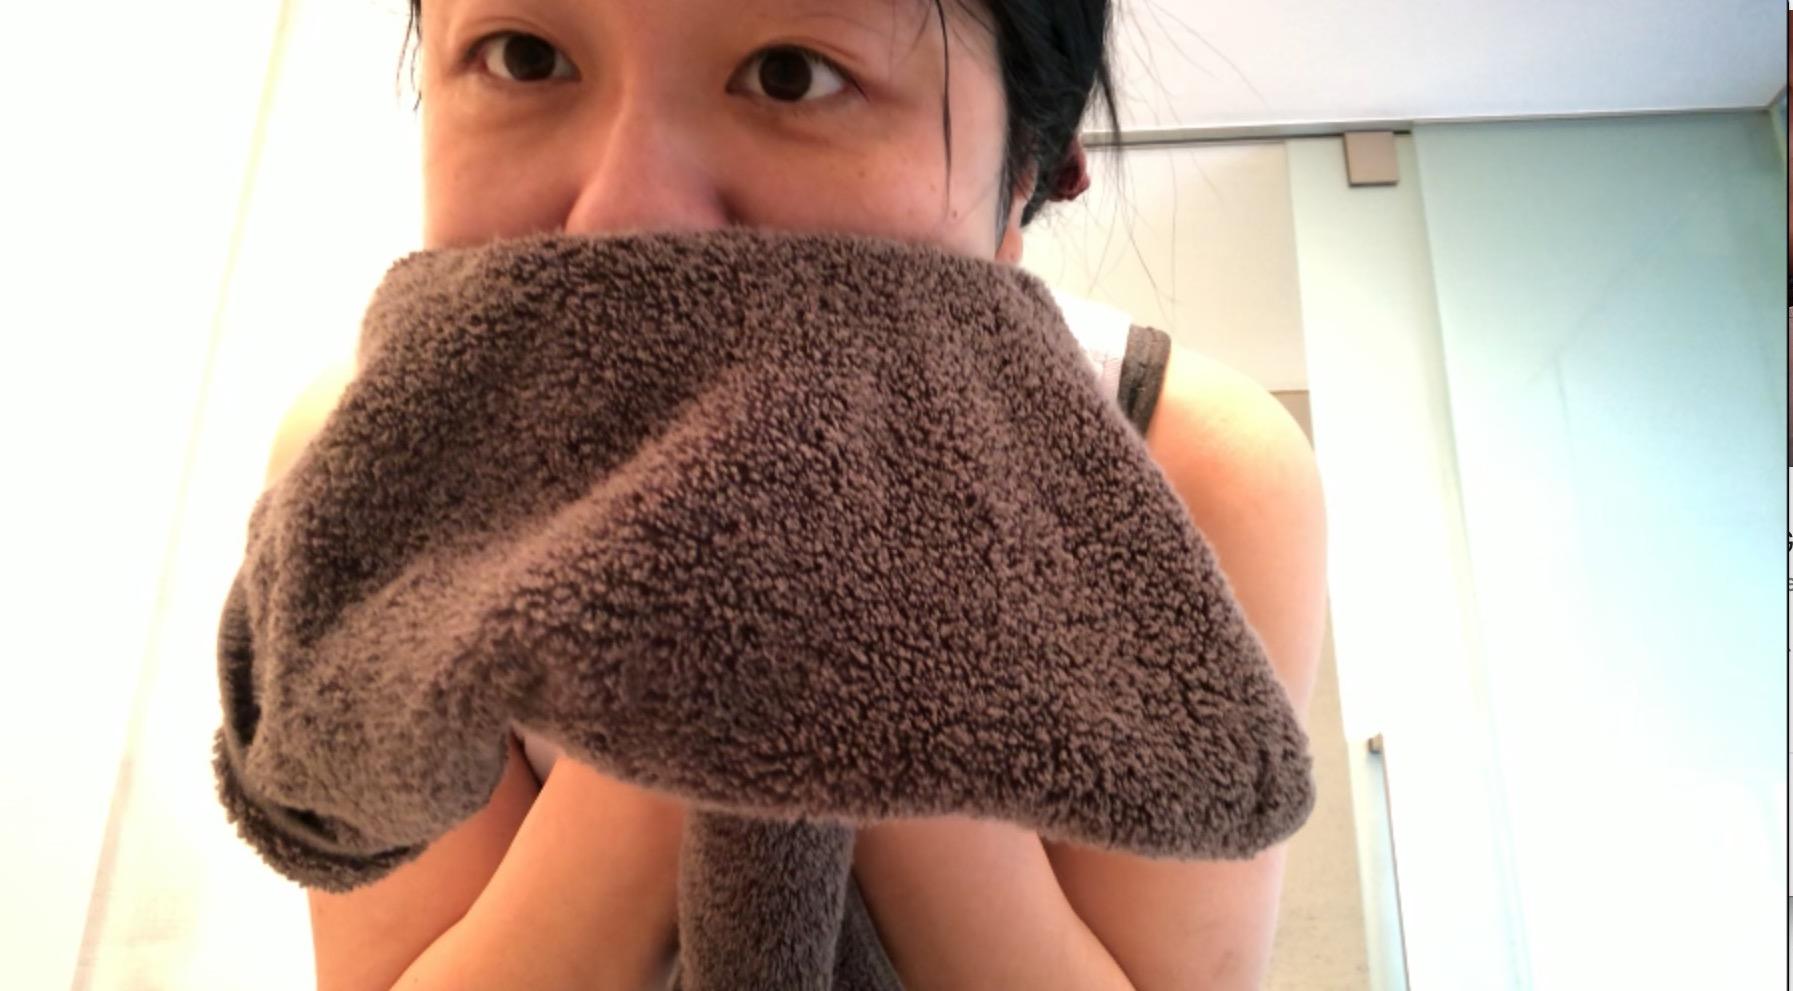 ar肌-アラハダ_優しく洗顔。ビーグレンのクレイウォッシュ。ぬるま湯で洗い流した後は優しくタオルで肌を拭きます。